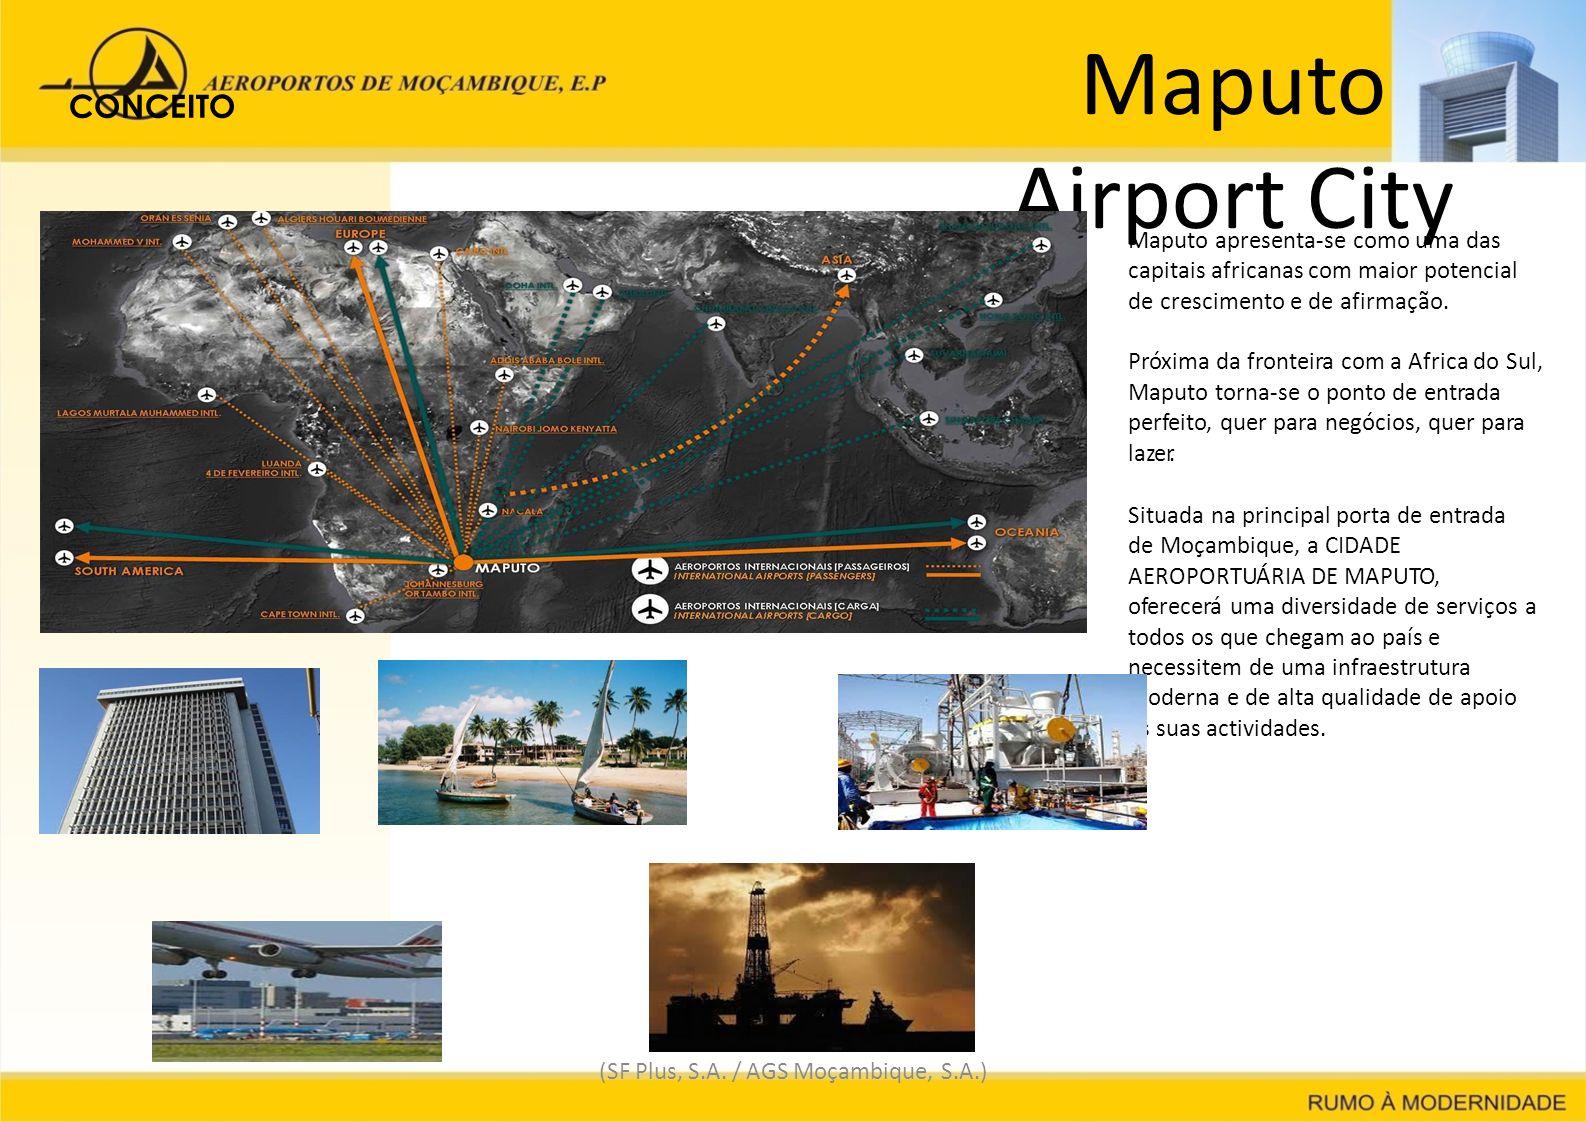 Maputo Airport City (SF Plus, S.A. / AGS Moçambique, S.A.) Maputo apresenta-se como uma das capitais africanas com maior potencial de crescimento e de